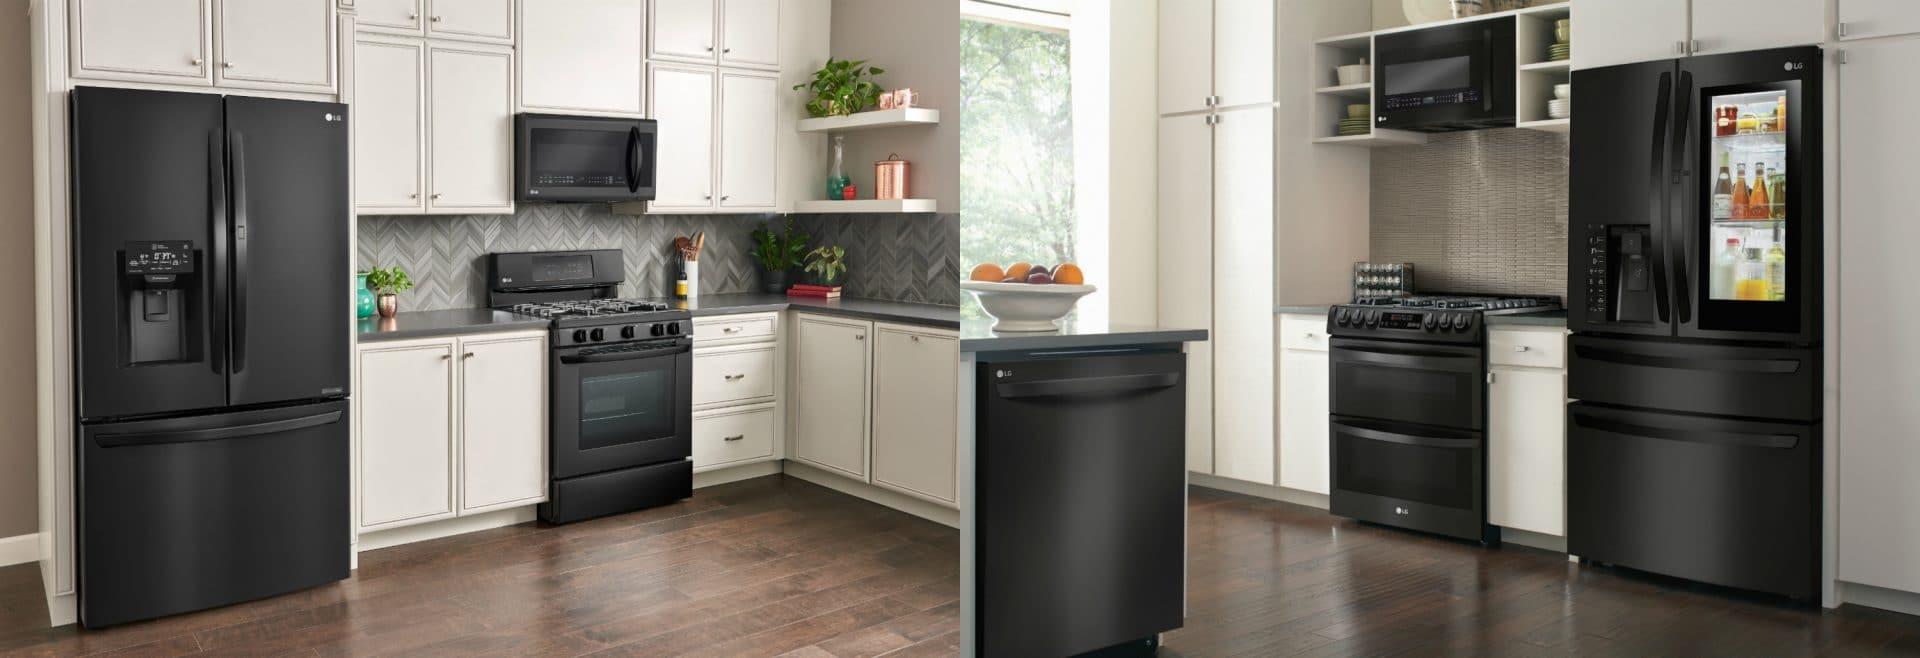 Gorgeous Lg Matte Black Kitchen Appliances At Best Buy Crazy